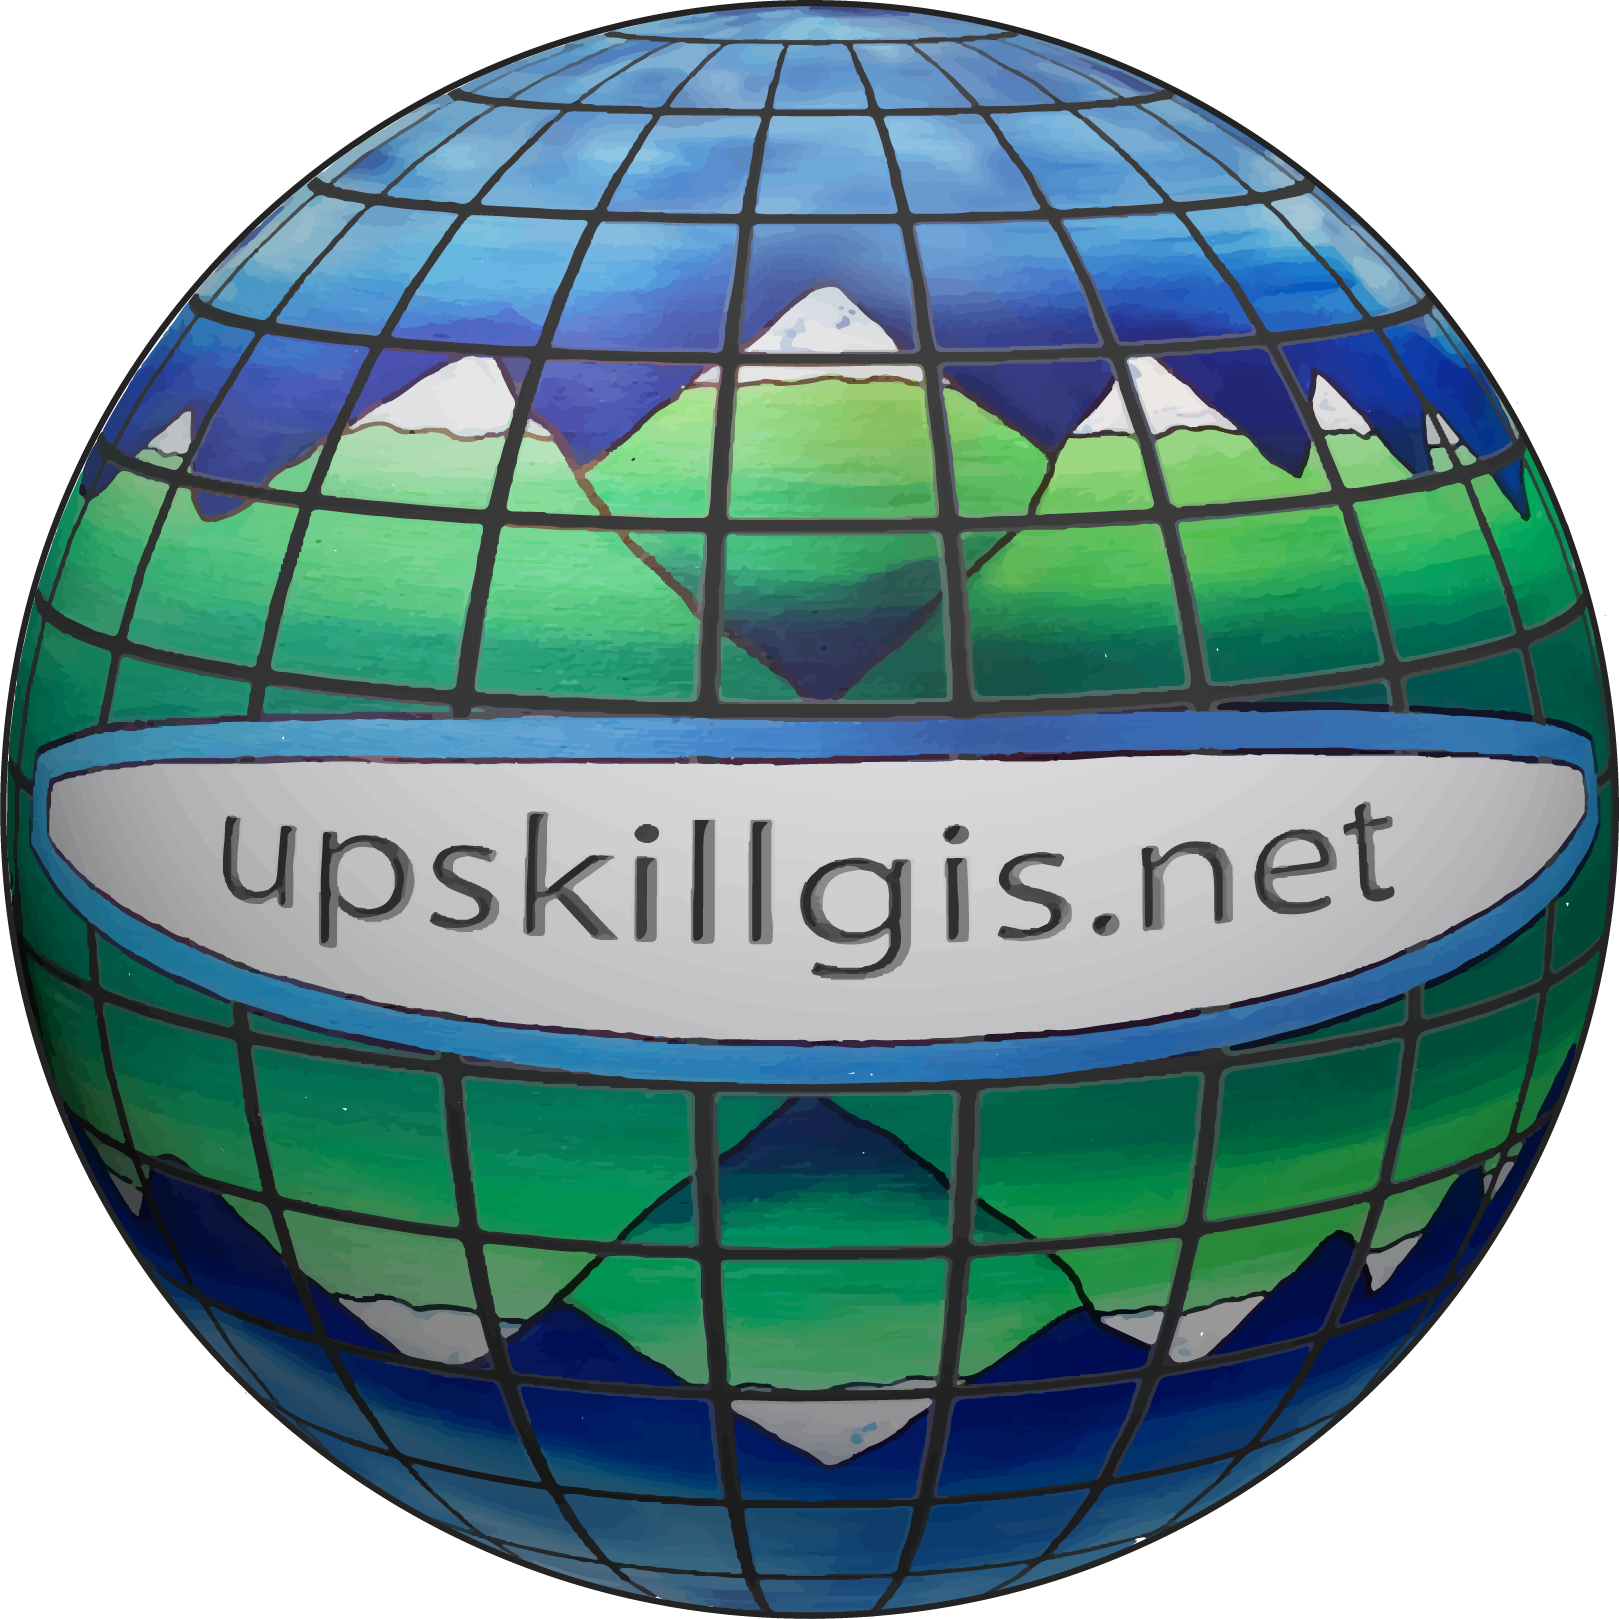 UpSkillGIS